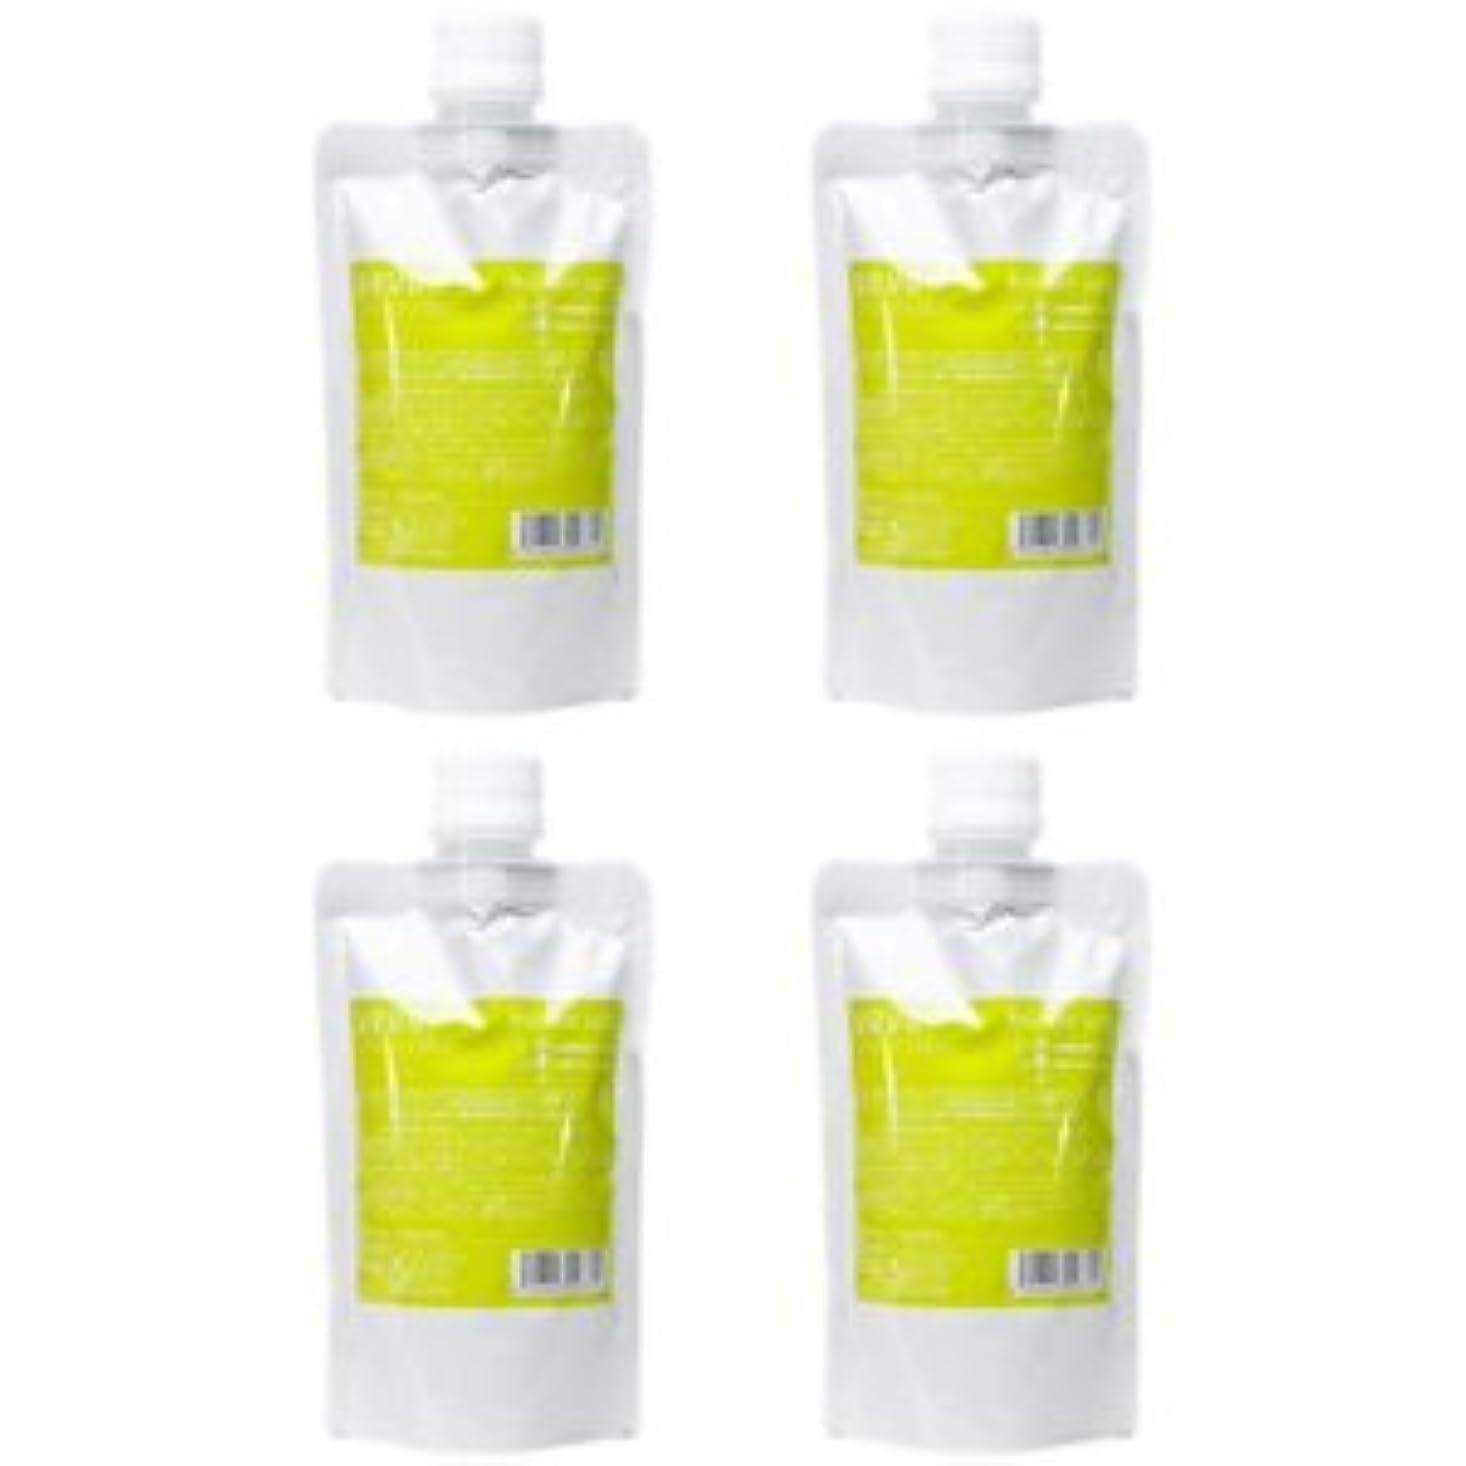 【X4個セット】 デミ ウェーボ デザインキューブ エアルーズワックス 200g 業務用 airloose wax DEMI uevo design cube